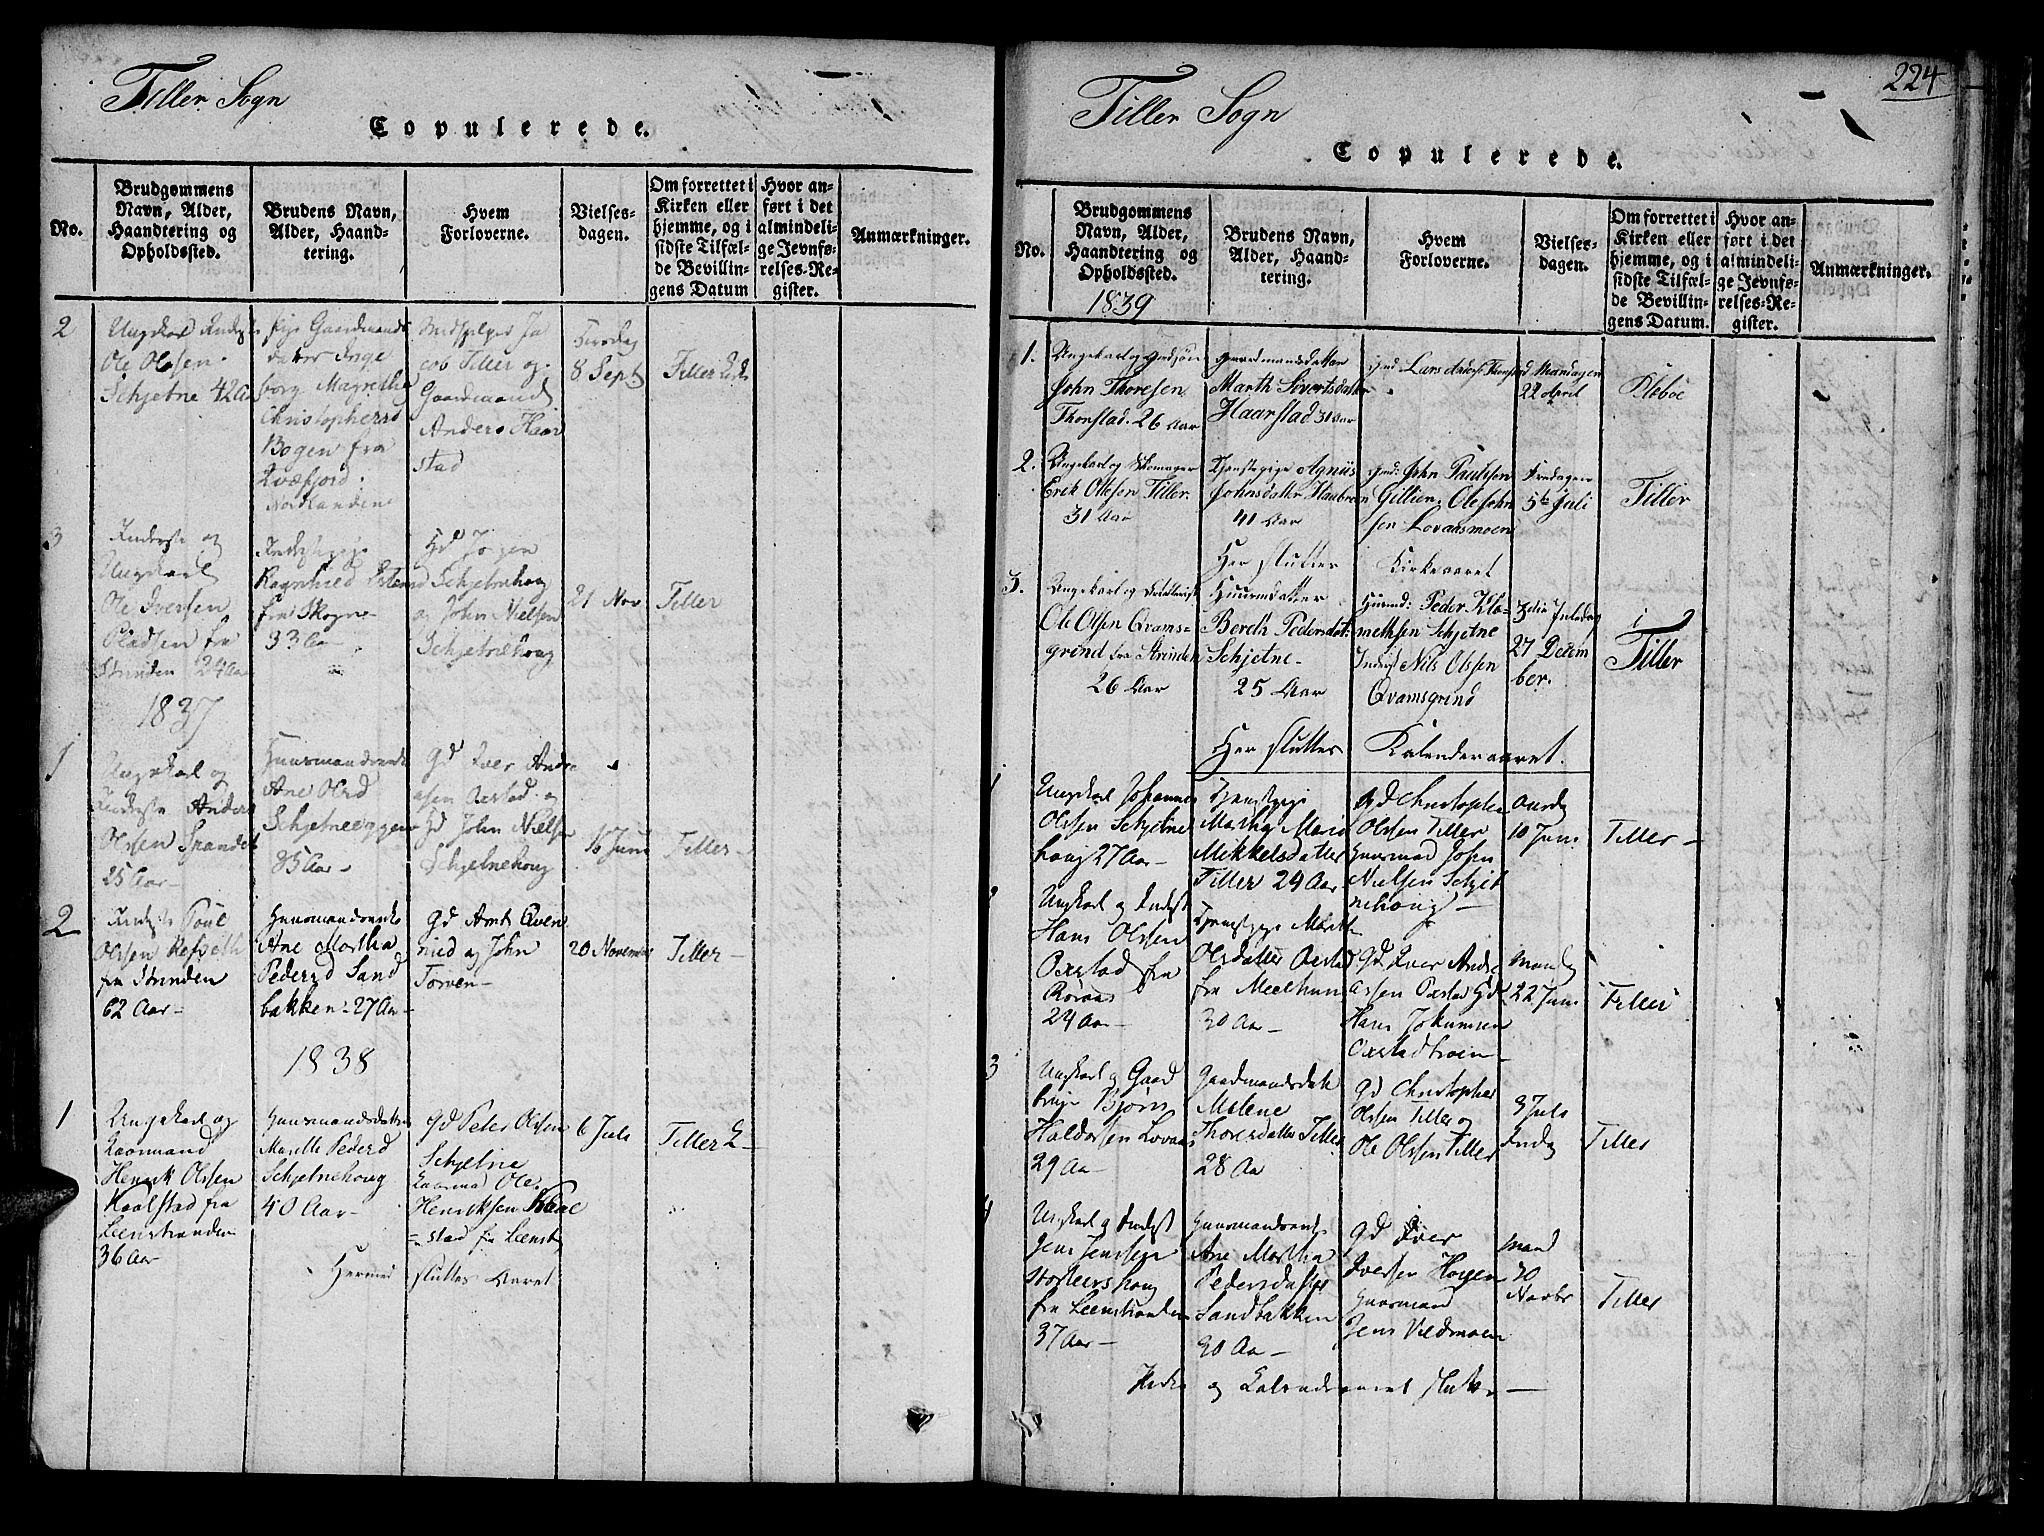 SAT, Ministerialprotokoller, klokkerbøker og fødselsregistre - Sør-Trøndelag, 618/L0440: Ministerialbok nr. 618A04 /2, 1816-1843, s. 224